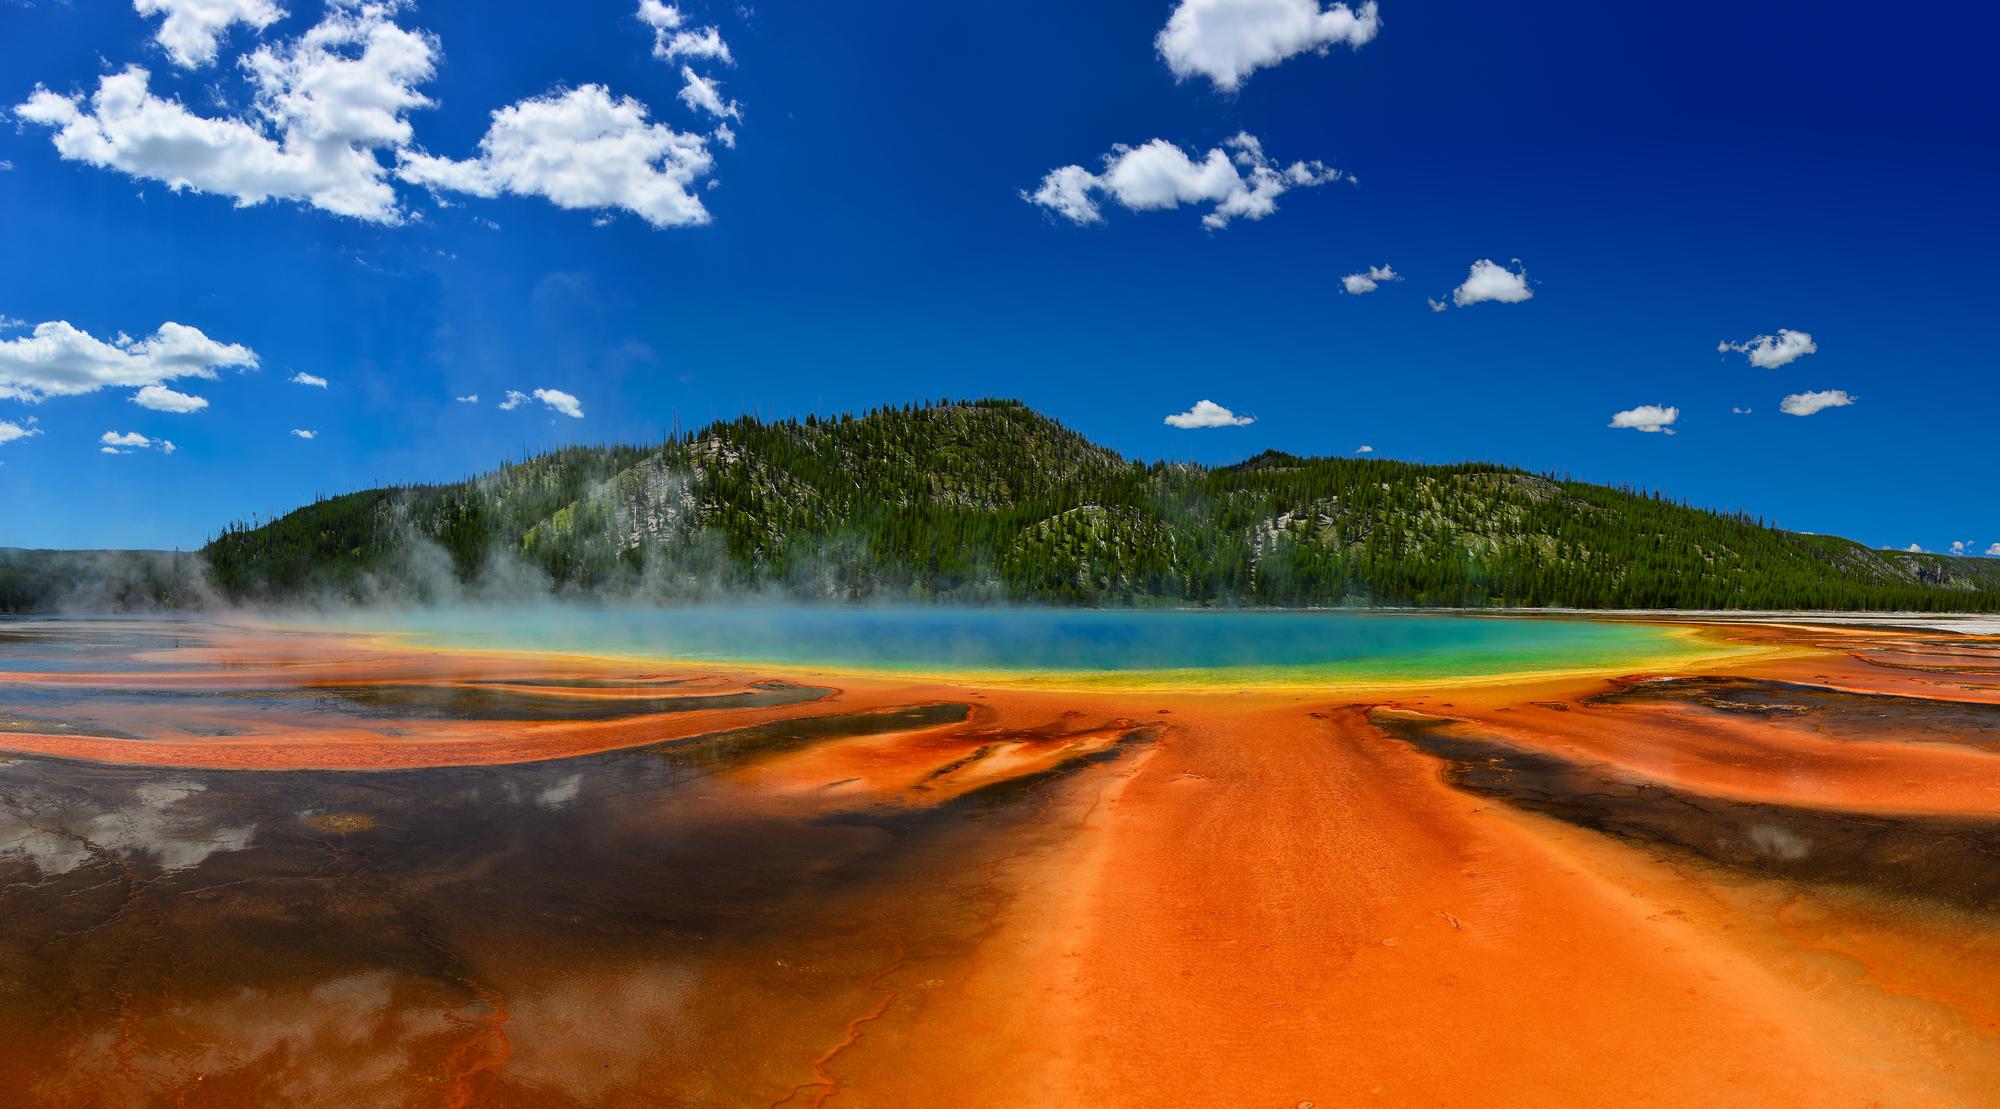 G 252 Nstige Hin Und R 252 Ckfl 252 Ge Ab Deutschland Zum Yellowstone